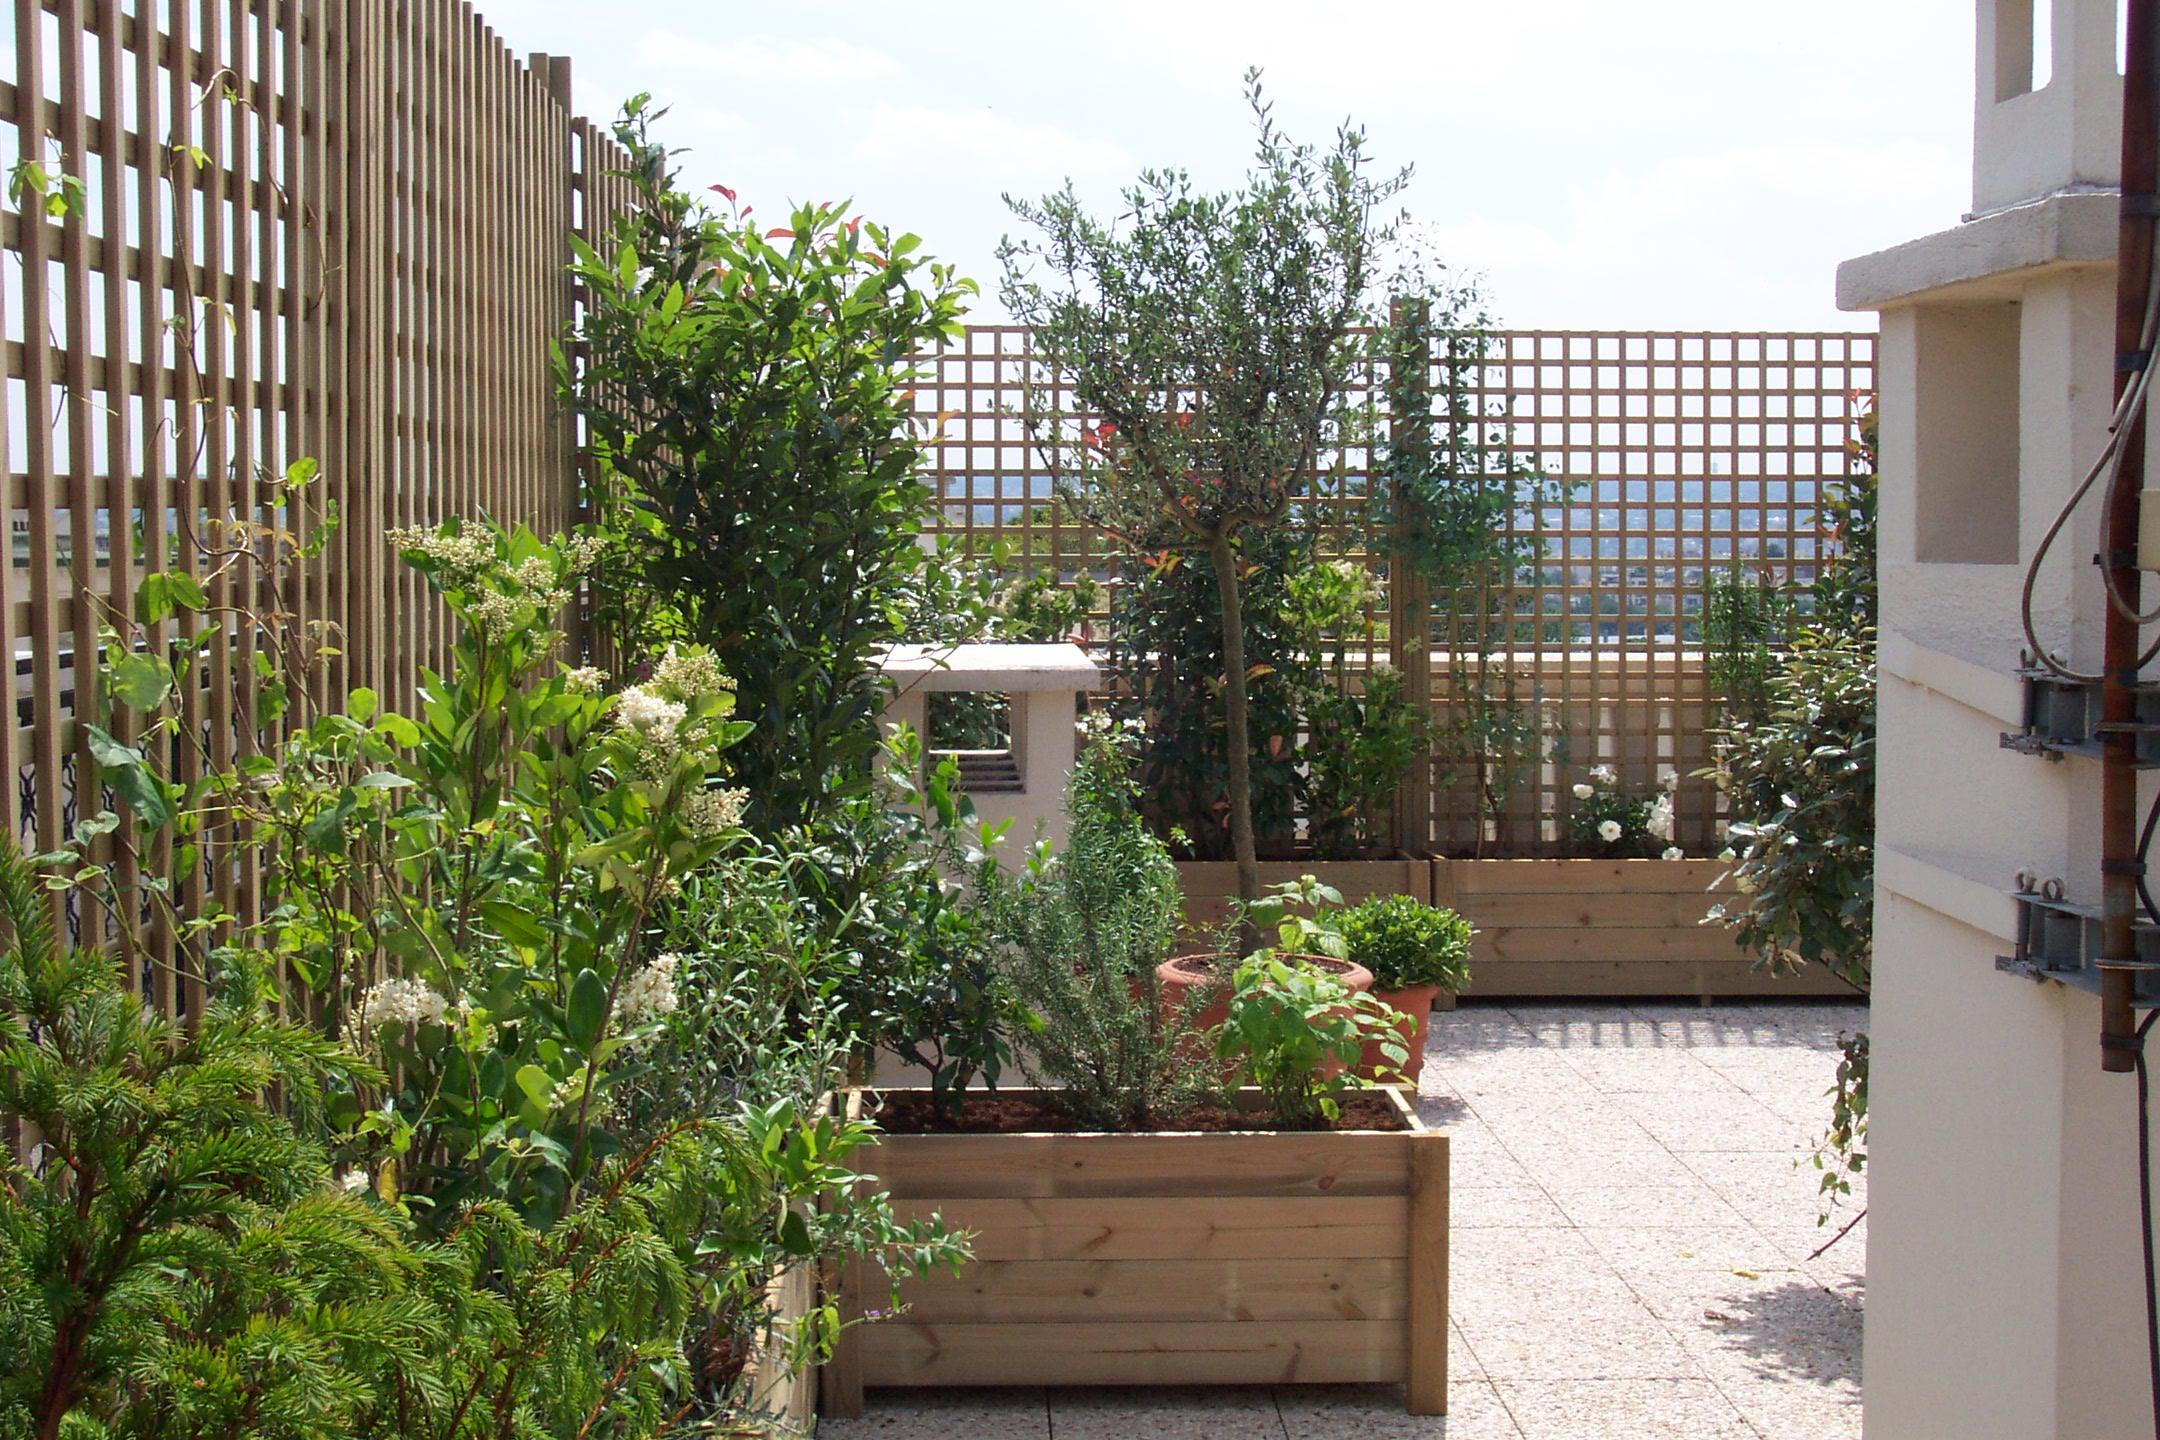 Se Cacher Des Voisins Dans Son Jardin une terrasse oui, mais sans vis-à-vis !